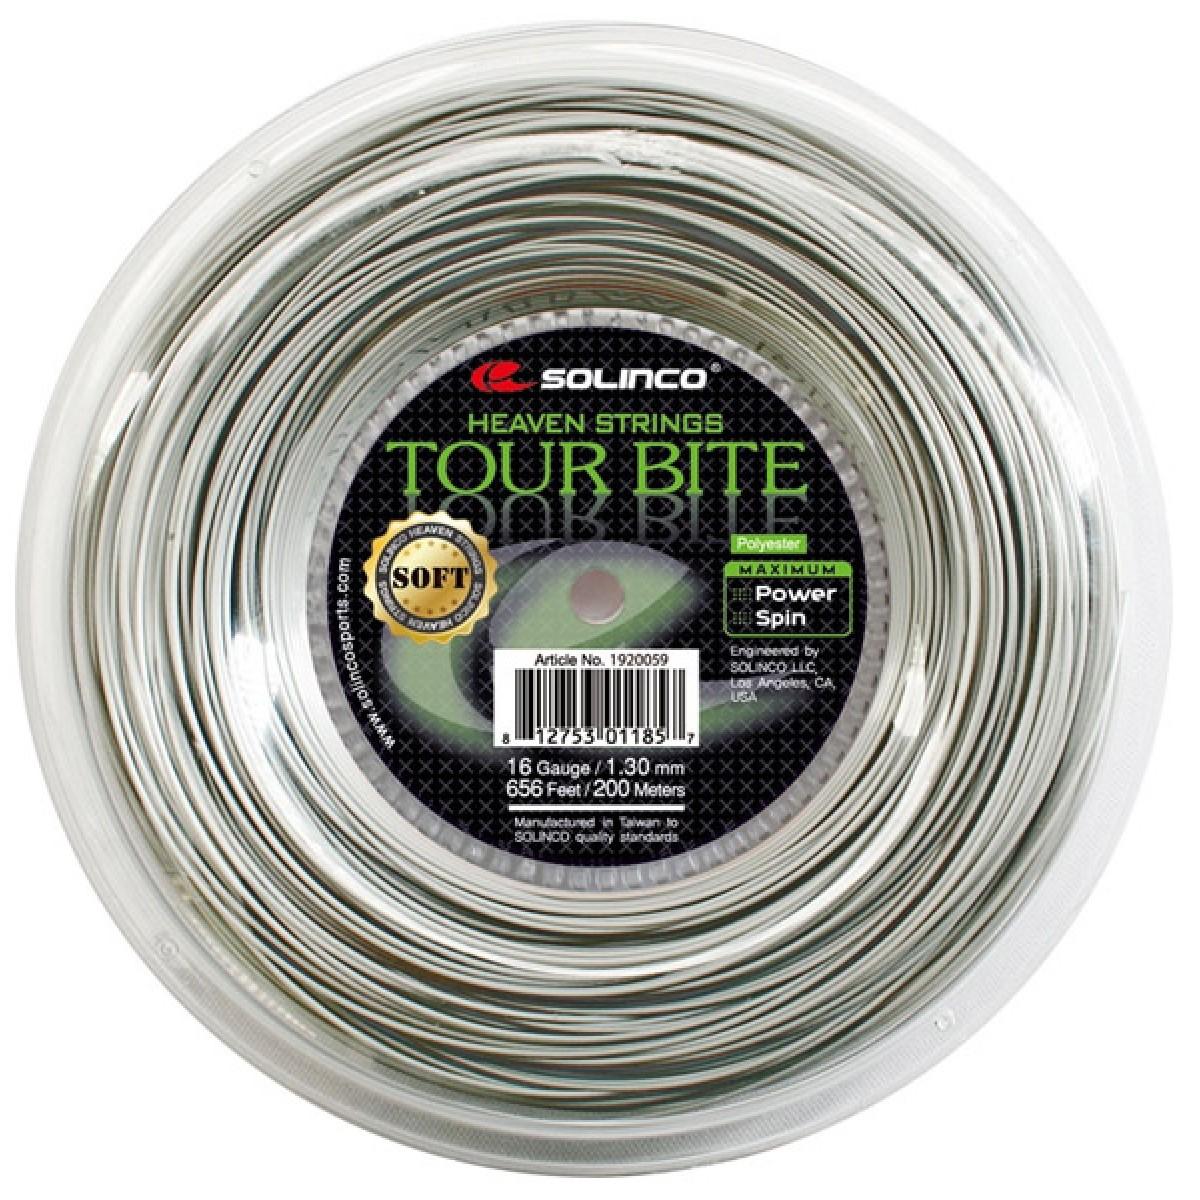 BOBINE SOLINCO TOUR BITE SOFT (200 METRES)